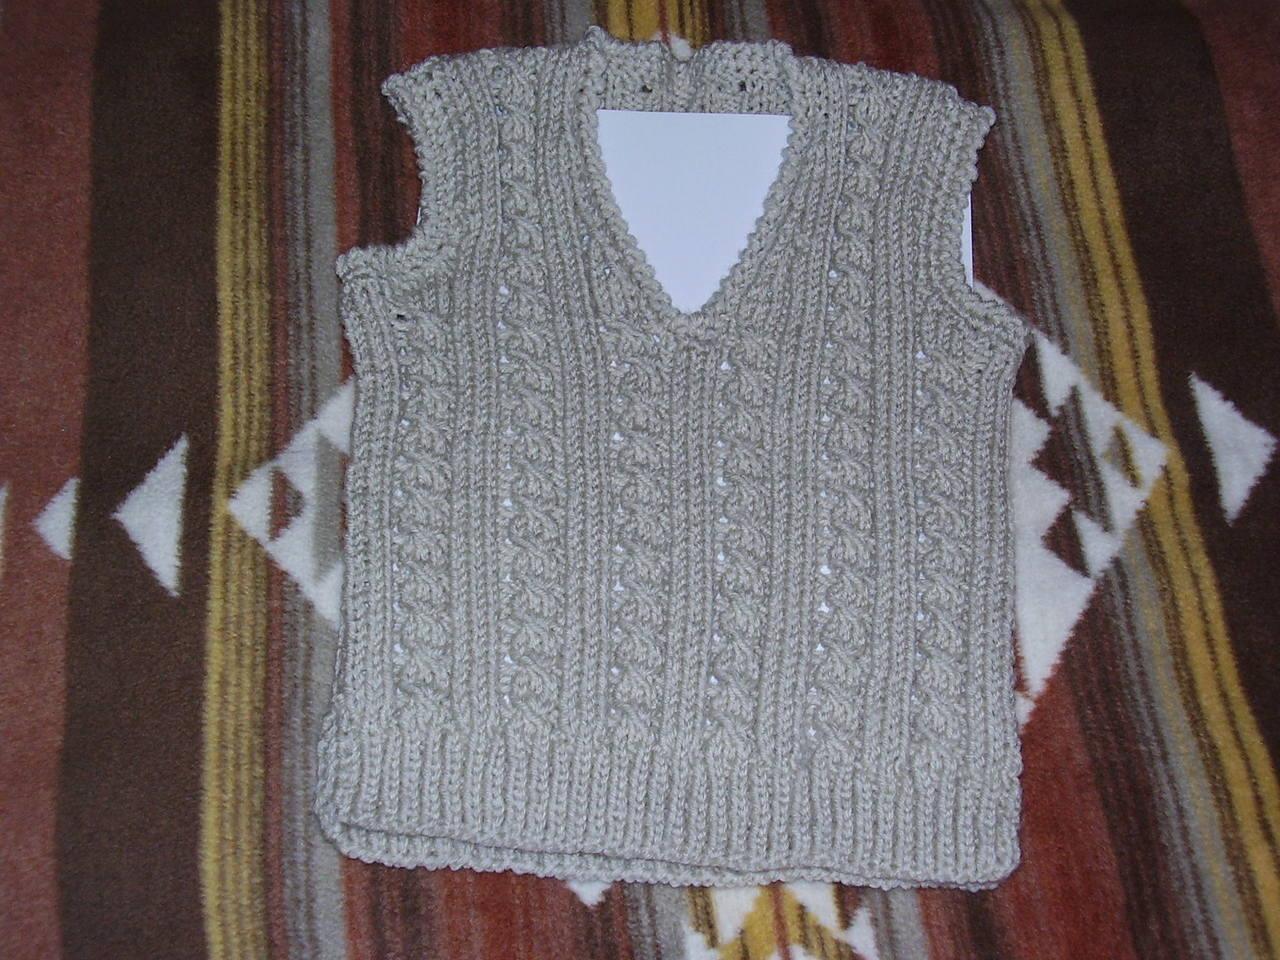 Вязание горловины на детской жилетки Жилетка для чайников - вязание спицами для детей